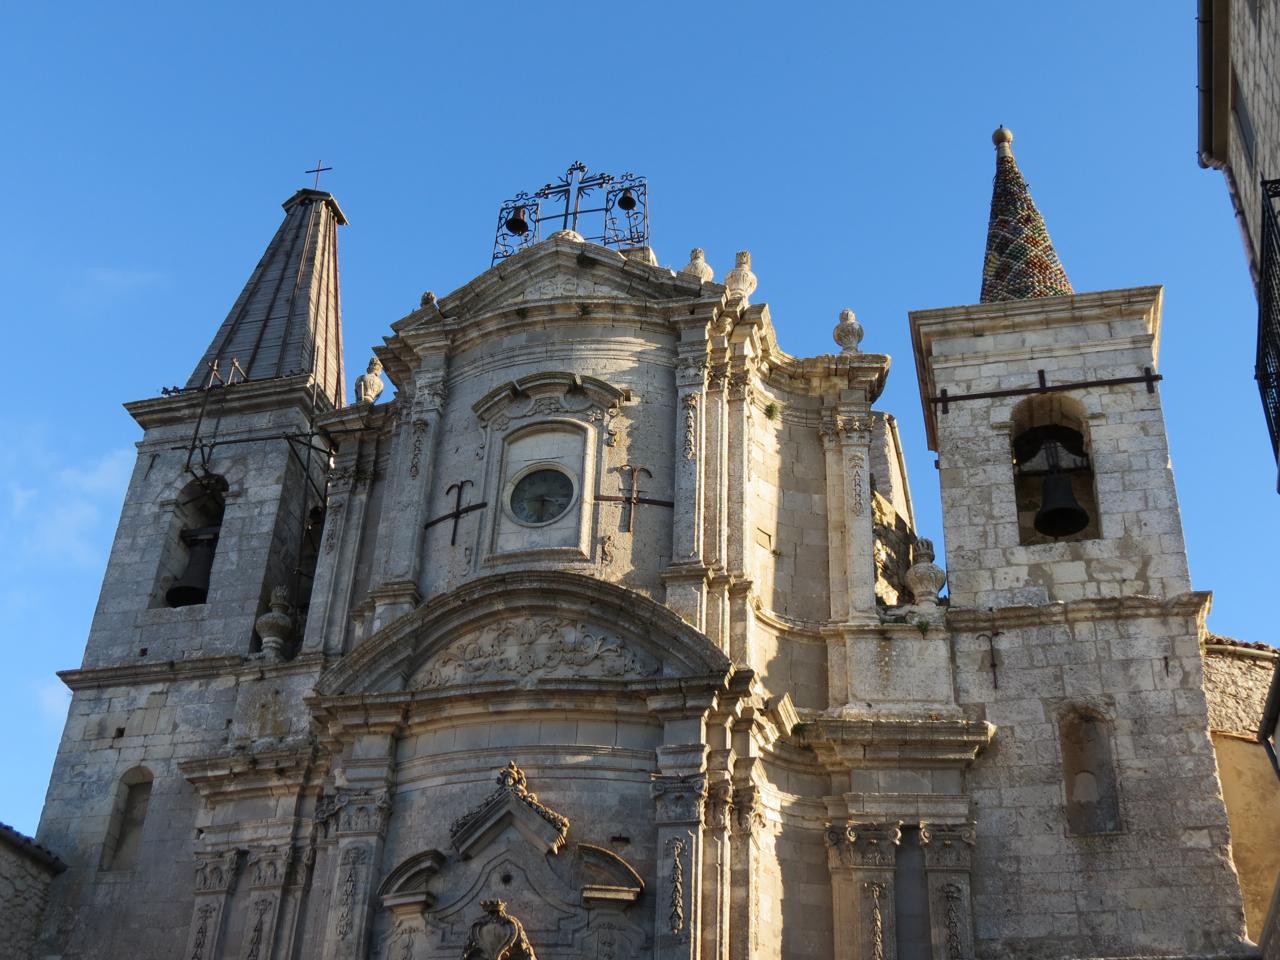 Facade of the church of Santa Maria di Loreto, Petralia Soprana, Sicily